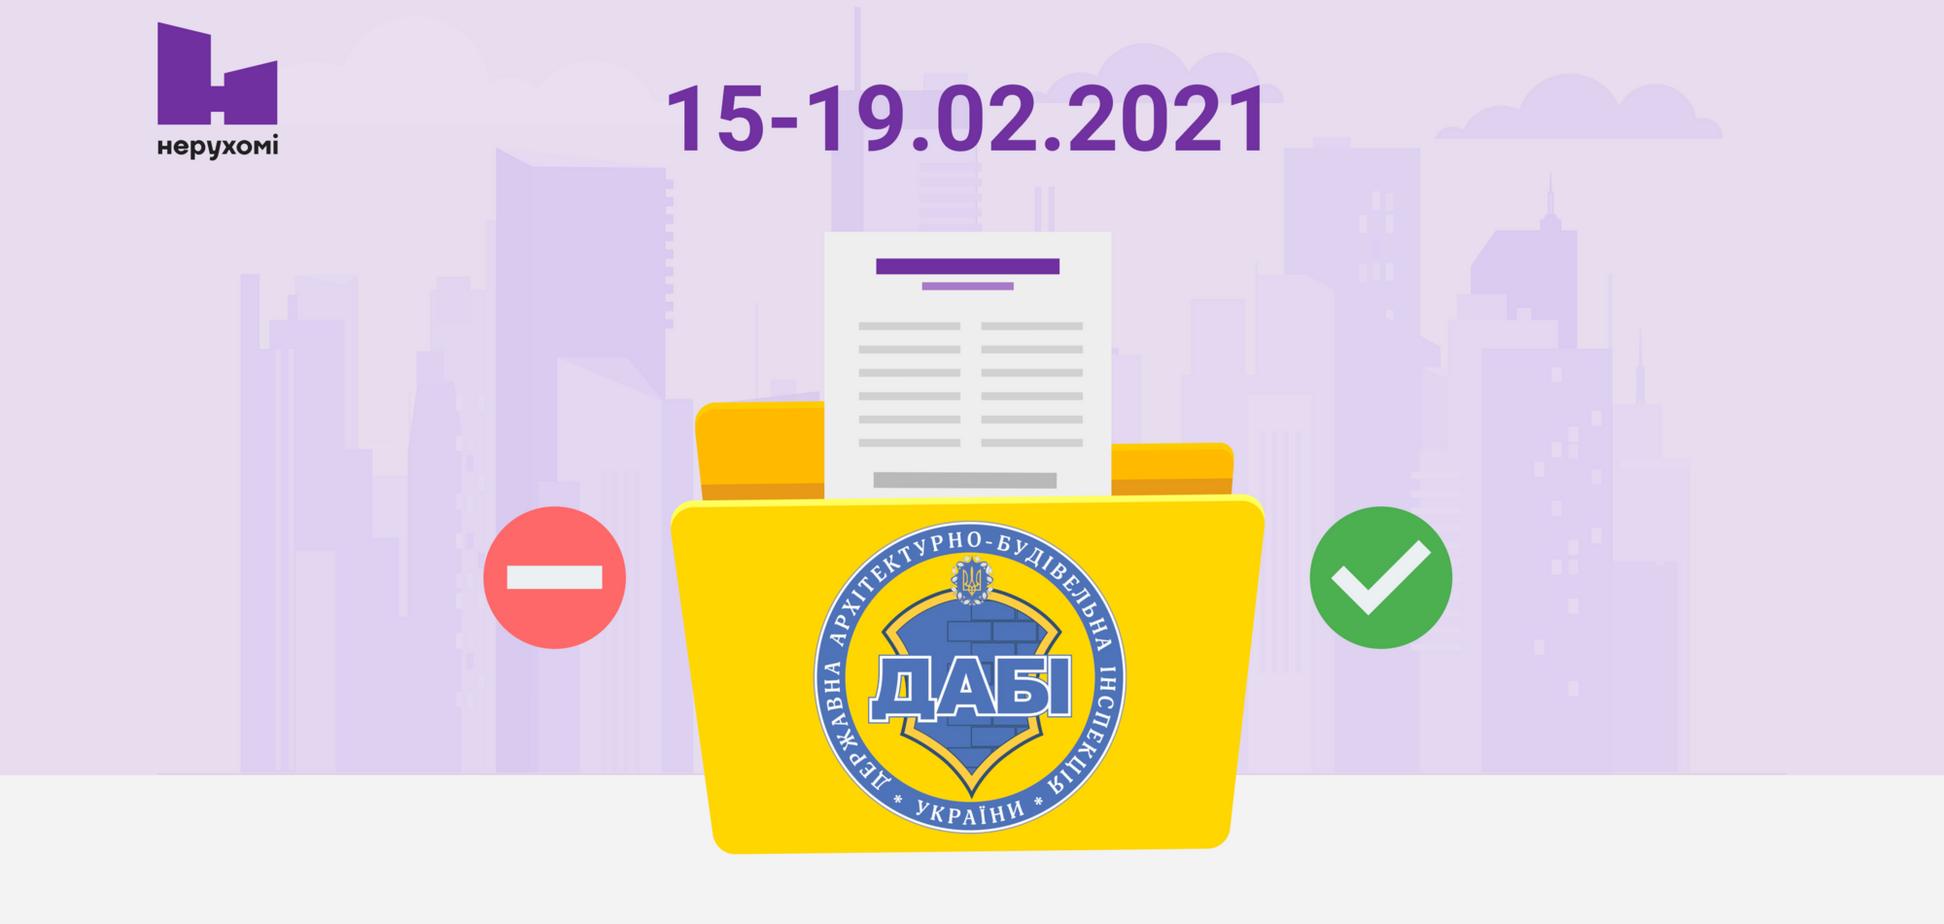 Застройщики подождут: ГАСИ вторую неделю не регистрирует разрешения на ЖК